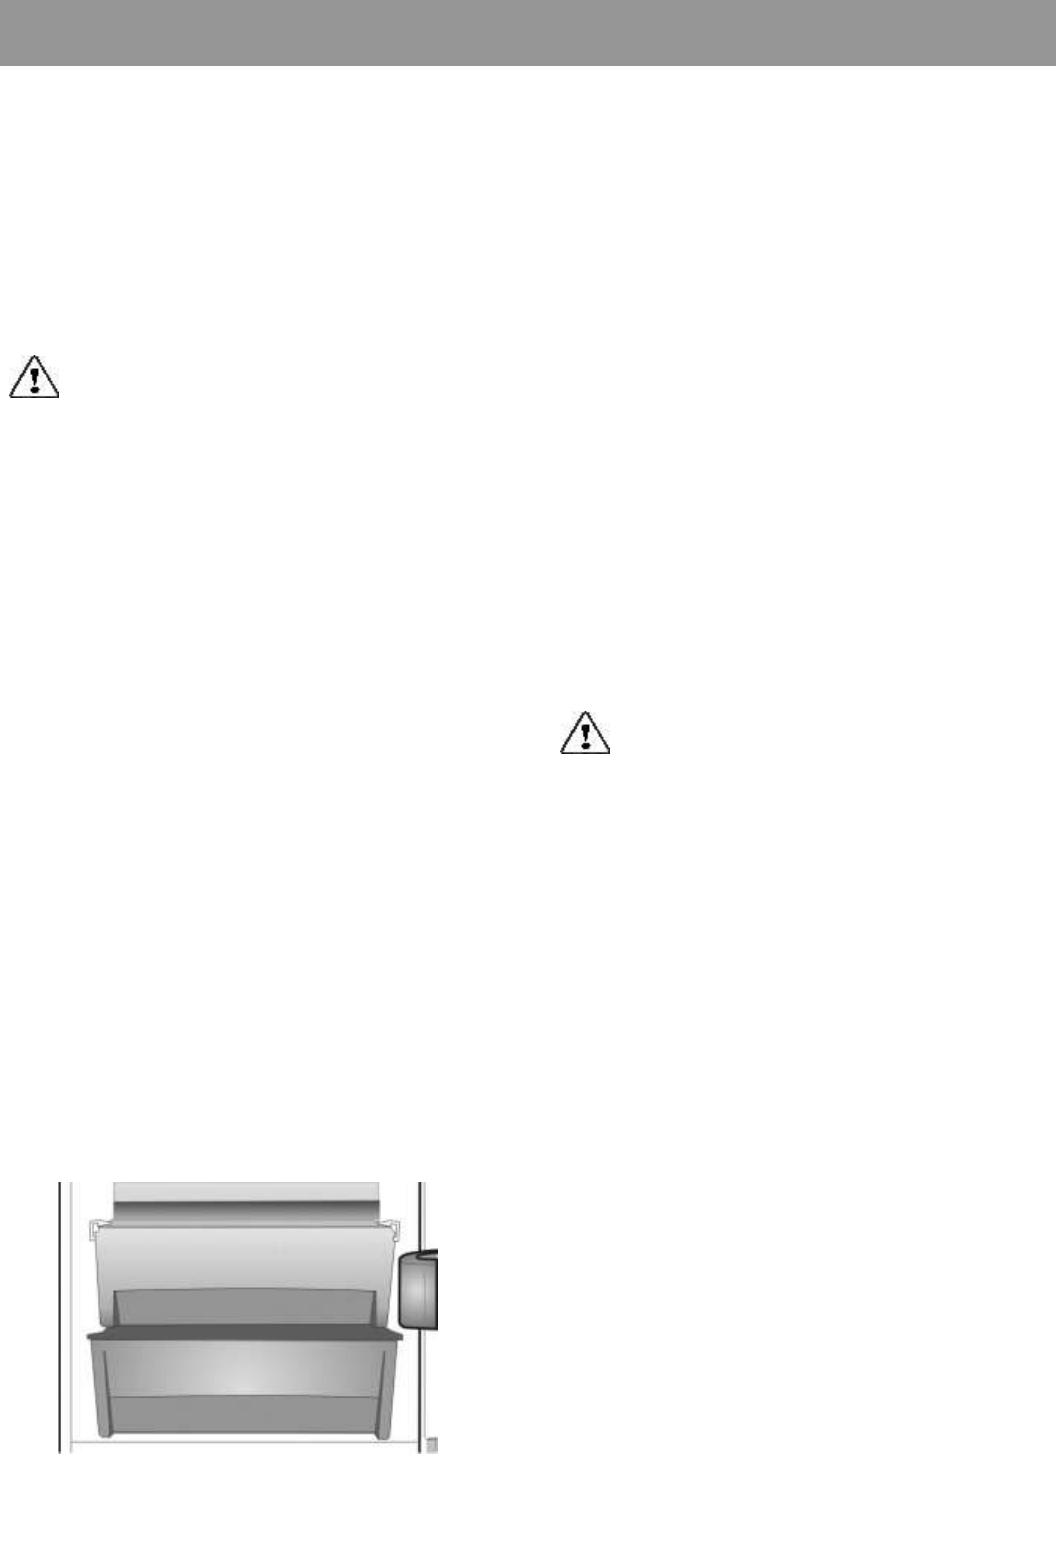 Home Zen La Clayette instructiuni beko cn236220x freezer user manual f1706d39